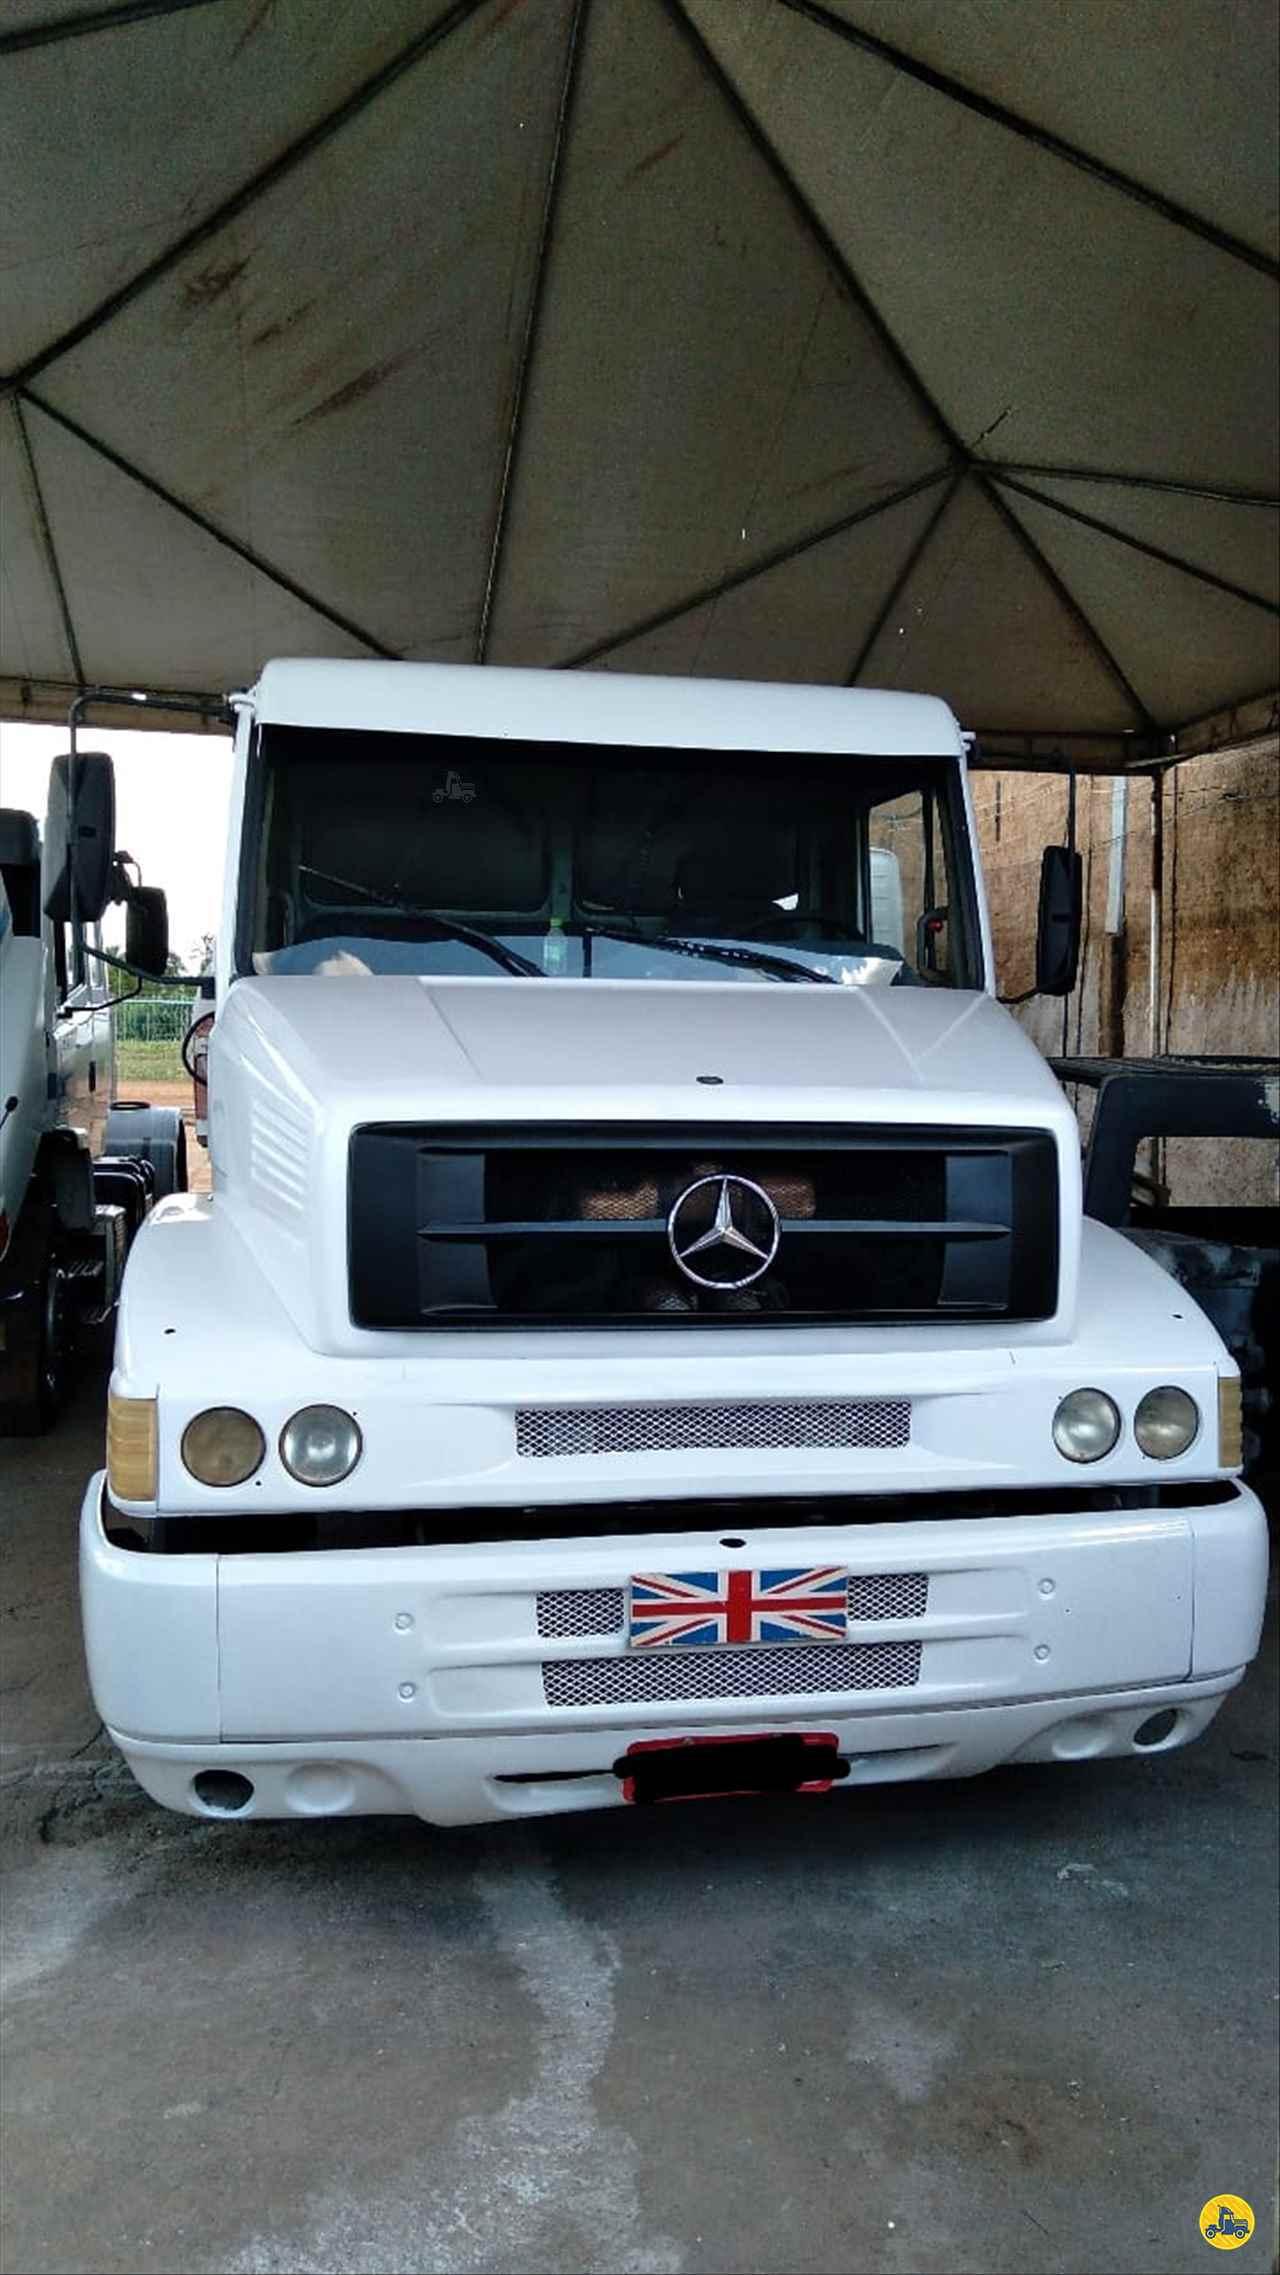 CAMINHAO MERCEDES-BENZ MB 1620 Tanque Aço Truck 6x2 RB Caminhões & Financiamentos ARAGUARI MINAS GERAIS MG